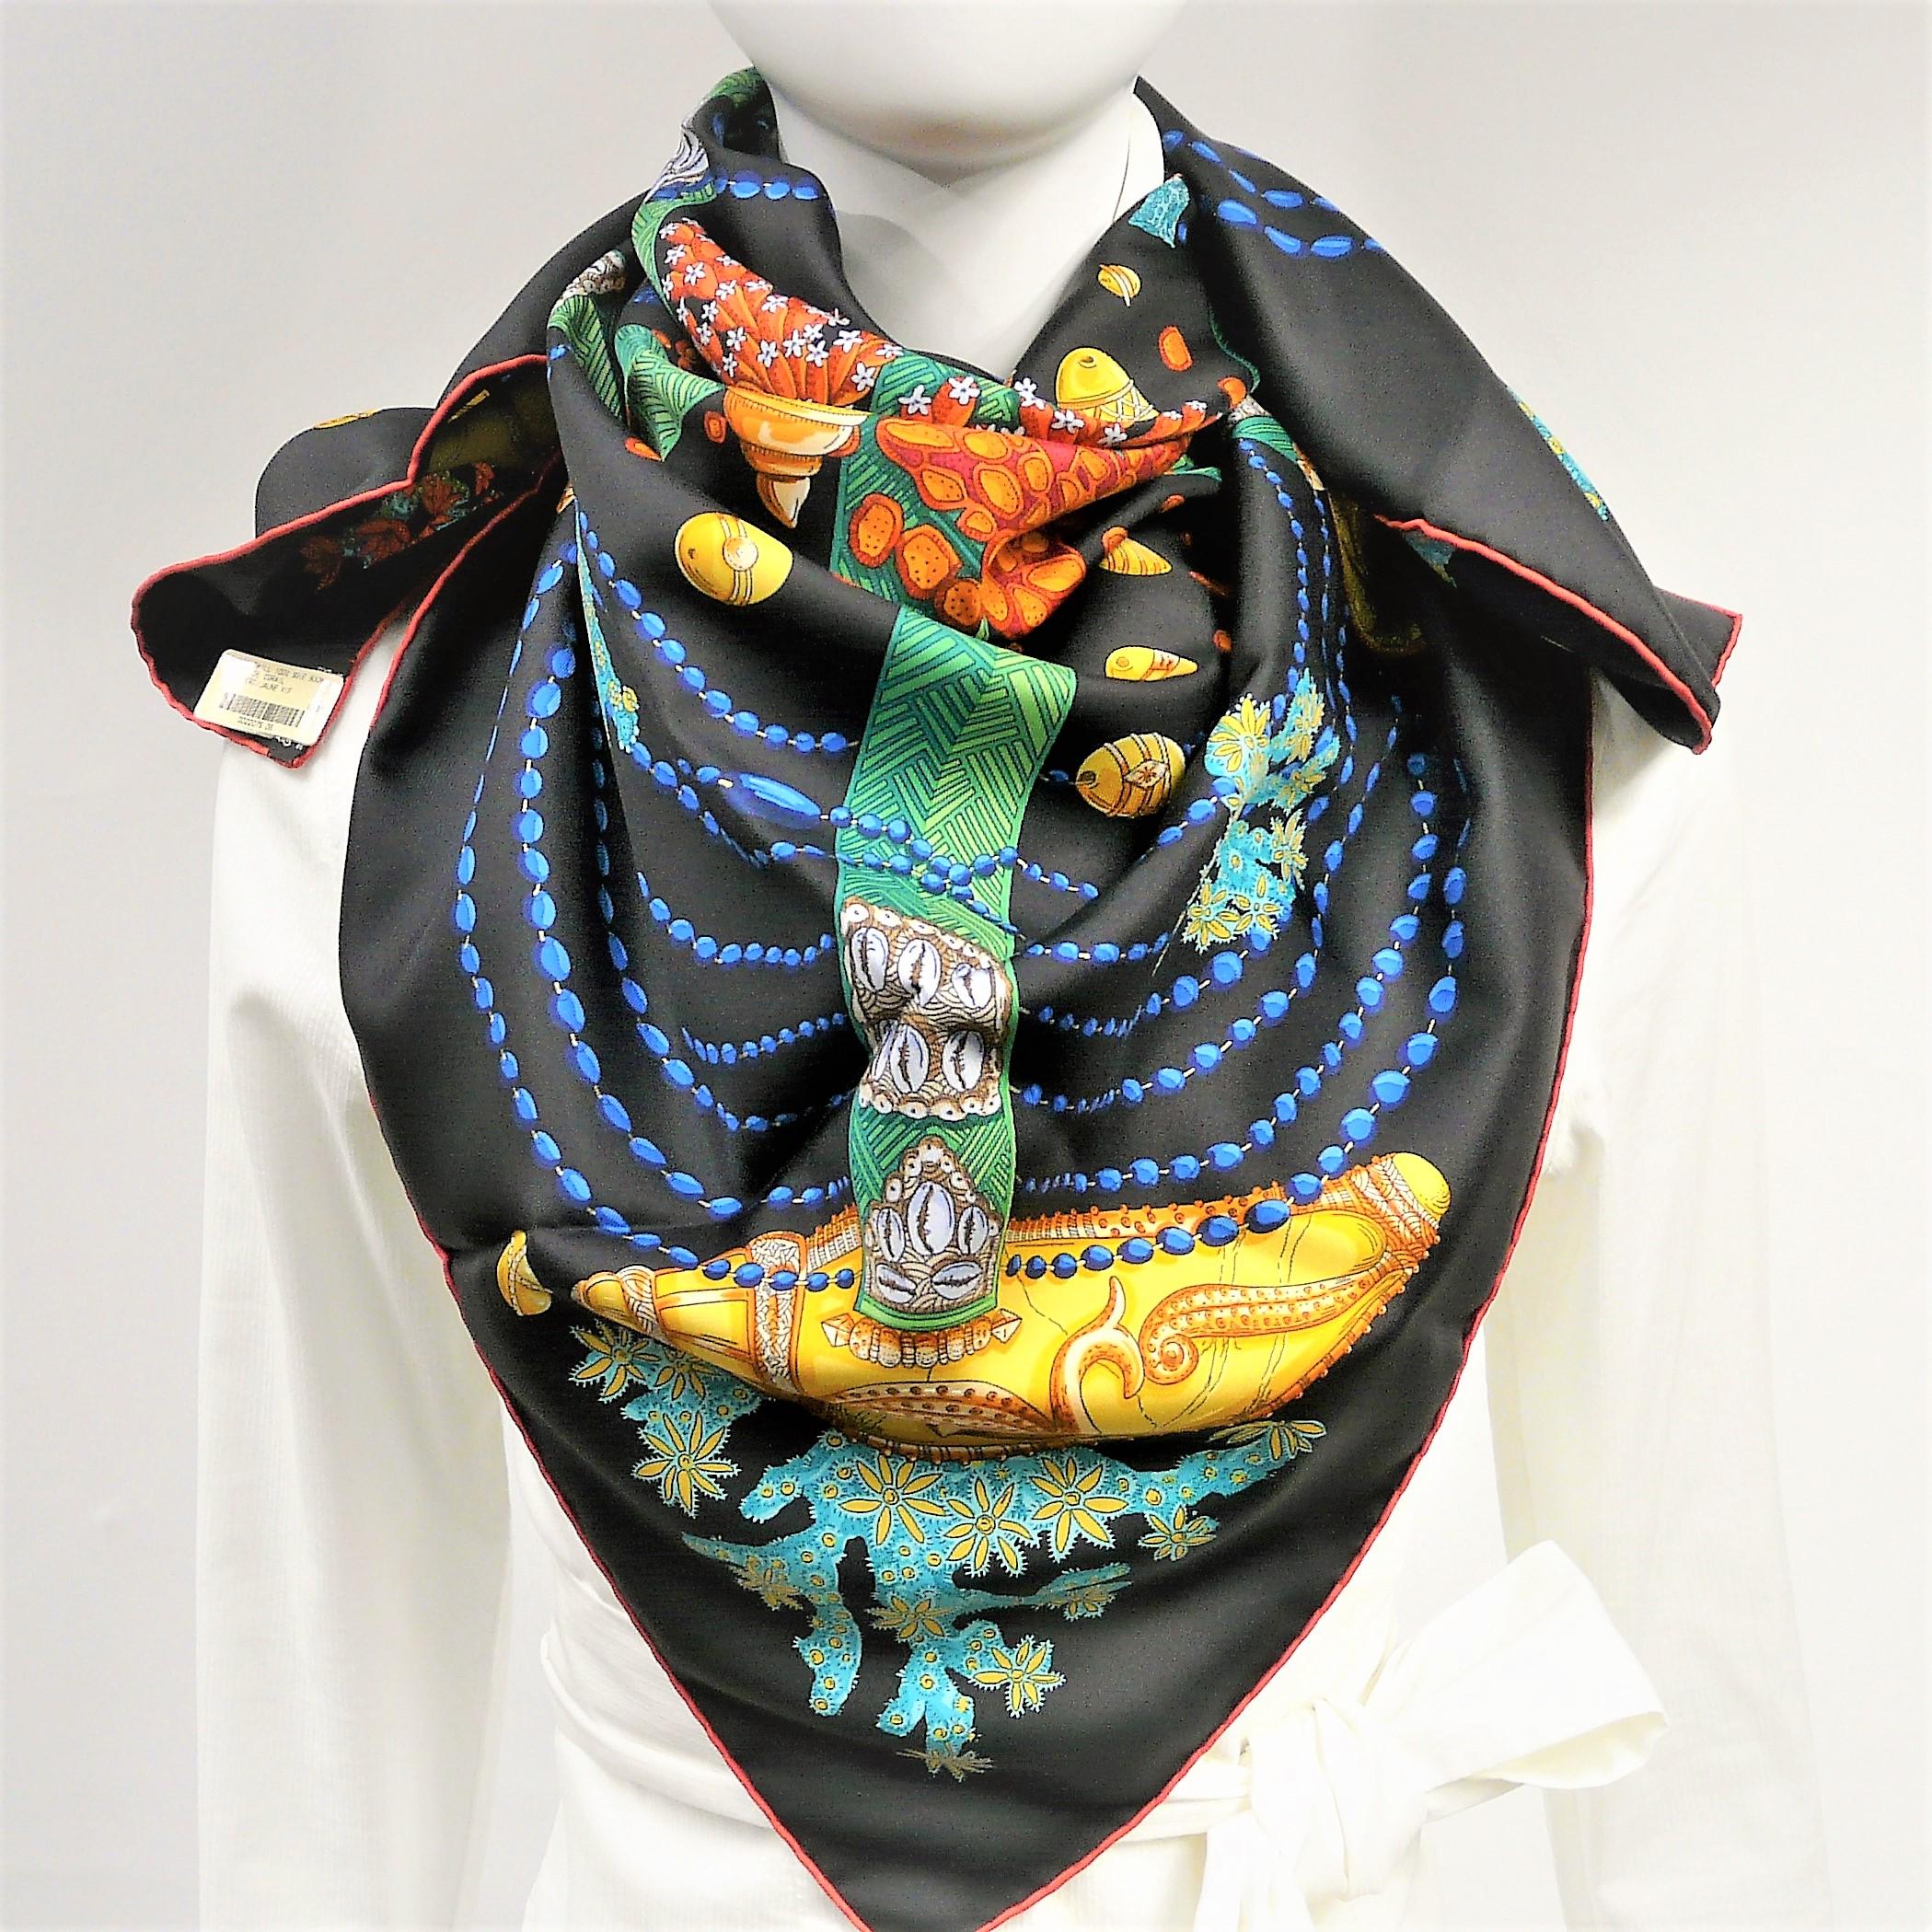 chemins-de-corail-hermes-paris-silk-scarf-nib